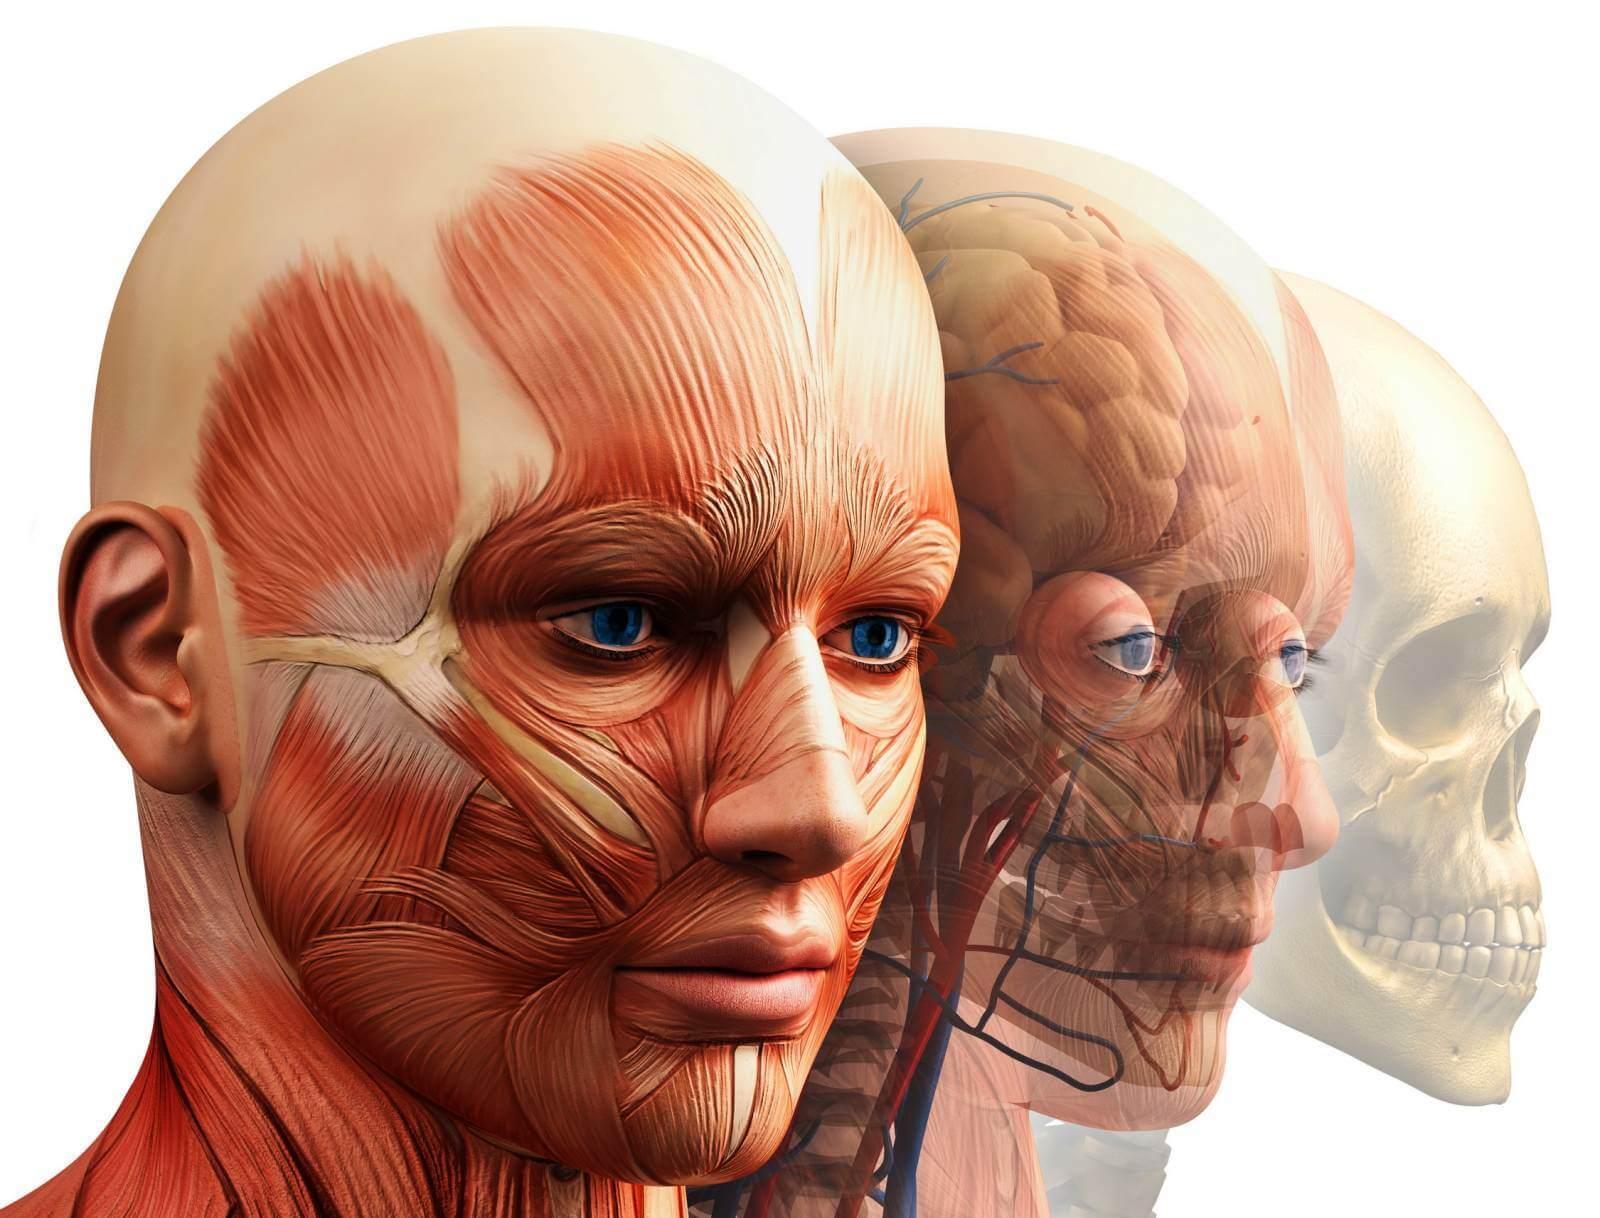 акции мышцы лица фото картинки тогда обстоятельном